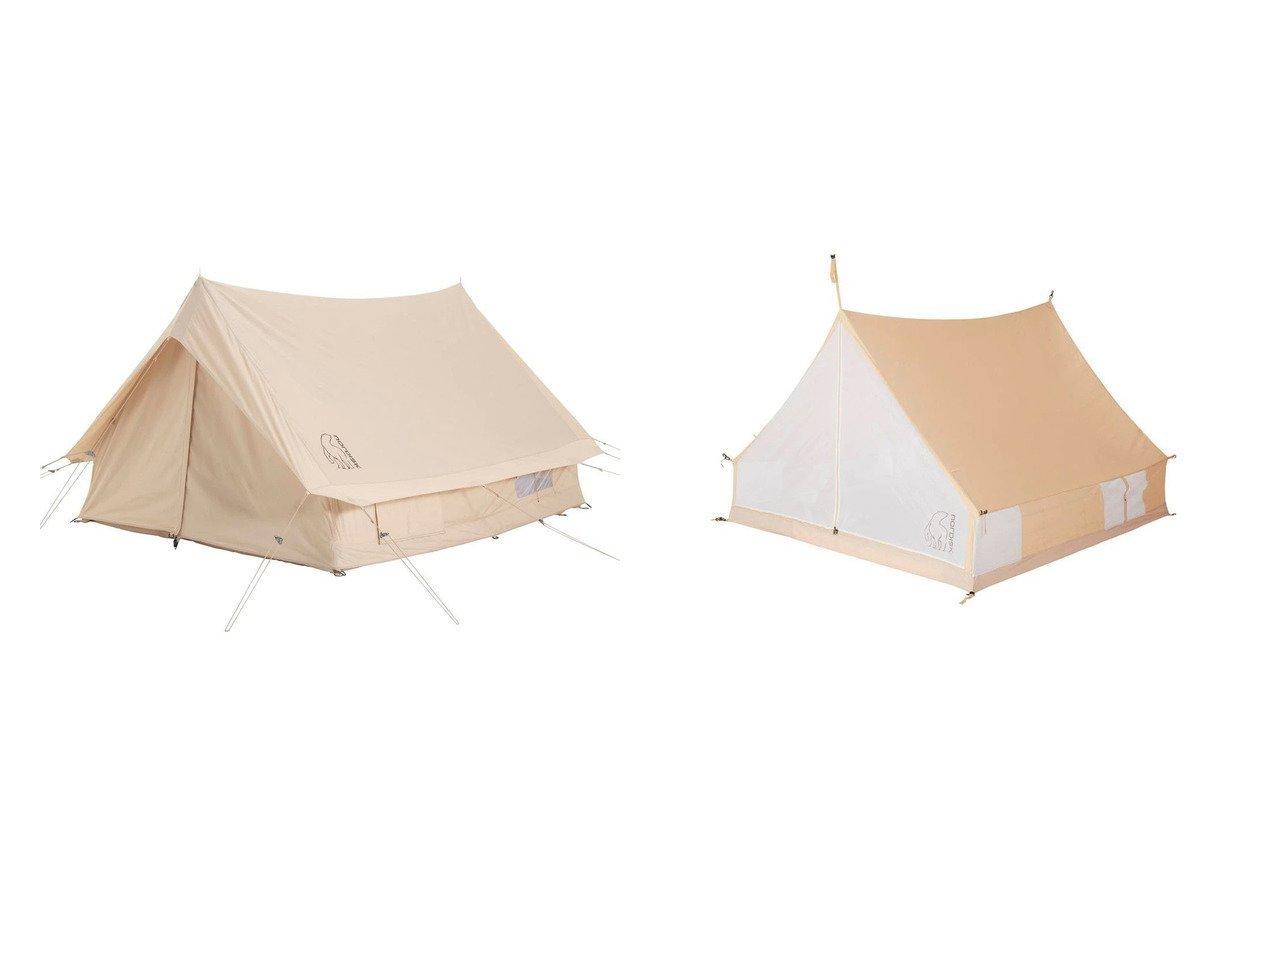 【Nordisk/ノルディスク】のファミリーテント ファミリーテント ユドゥン 5.5 Basic Cotton Tent 242022&ユドゥン 5.5 インナーキャビン 145023 おすすめ!人気キャンプ・アウトドア用品の通販 おすすめ人気トレンドファッション通販アイテム インテリア・キッズ・メンズ・レディースファッション・服の通販 founy(ファニー)  ファッション Fashion キッズファッション KIDS ウォーター メッシュ インナー ホーム・キャンプ・アウトドア Home,Garden,Outdoor,Camping Gear キャンプ用品・アウトドア  Camping Gear & Outdoor Supplies テント タープ Tents, Tarp |ID:crp329100000037418